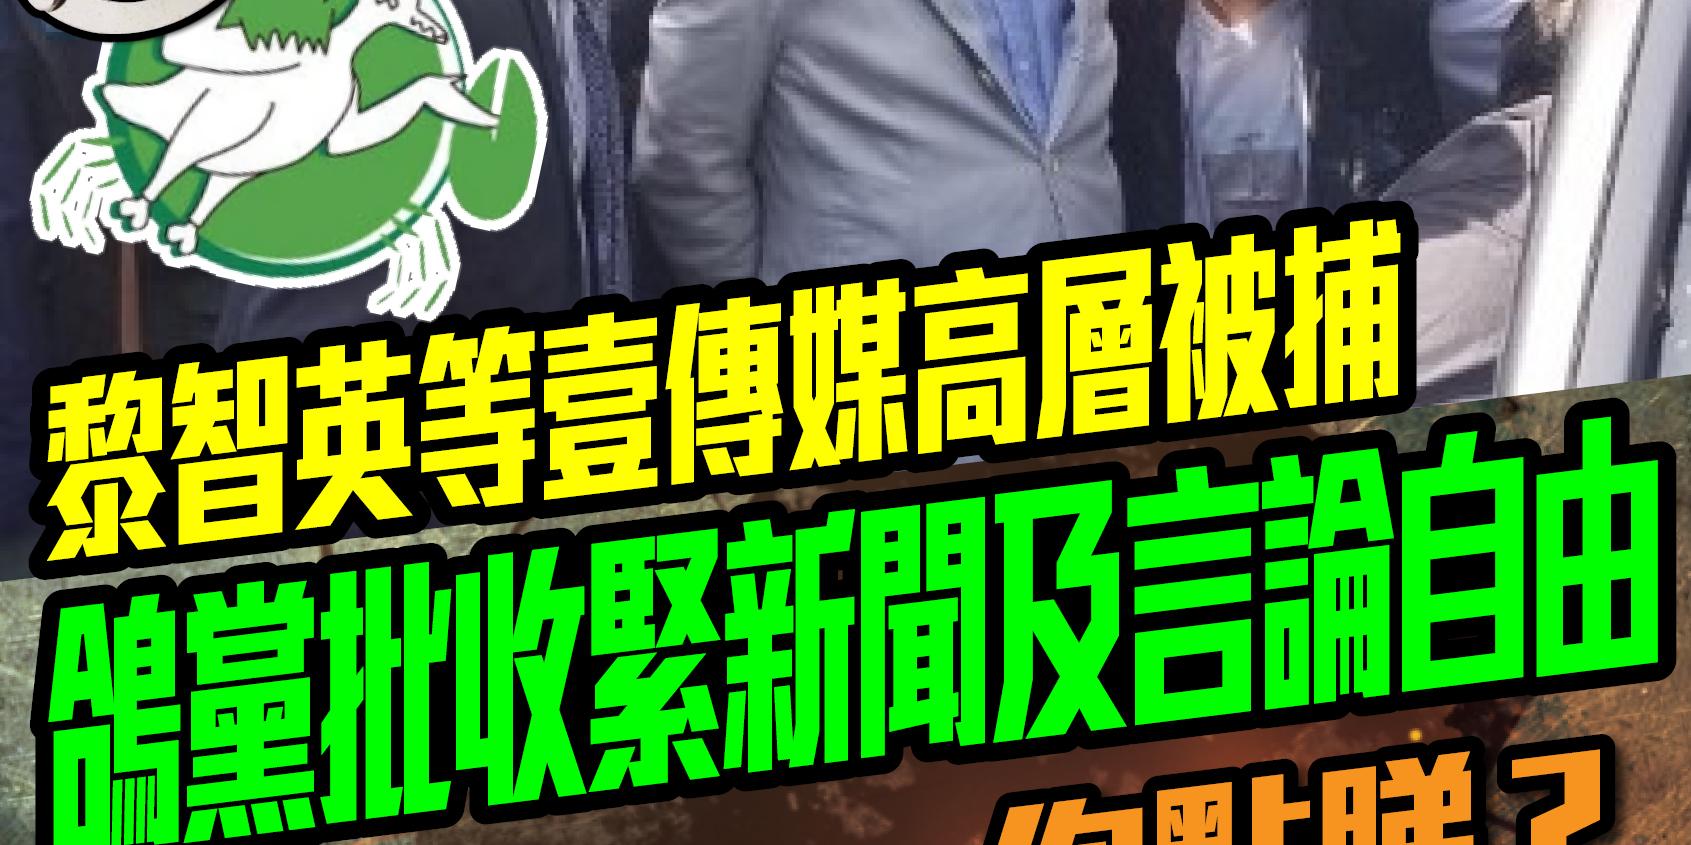 黎智英等壹傳媒高層被捕 鴿黨批收緊新聞及言論自由 你點睇?